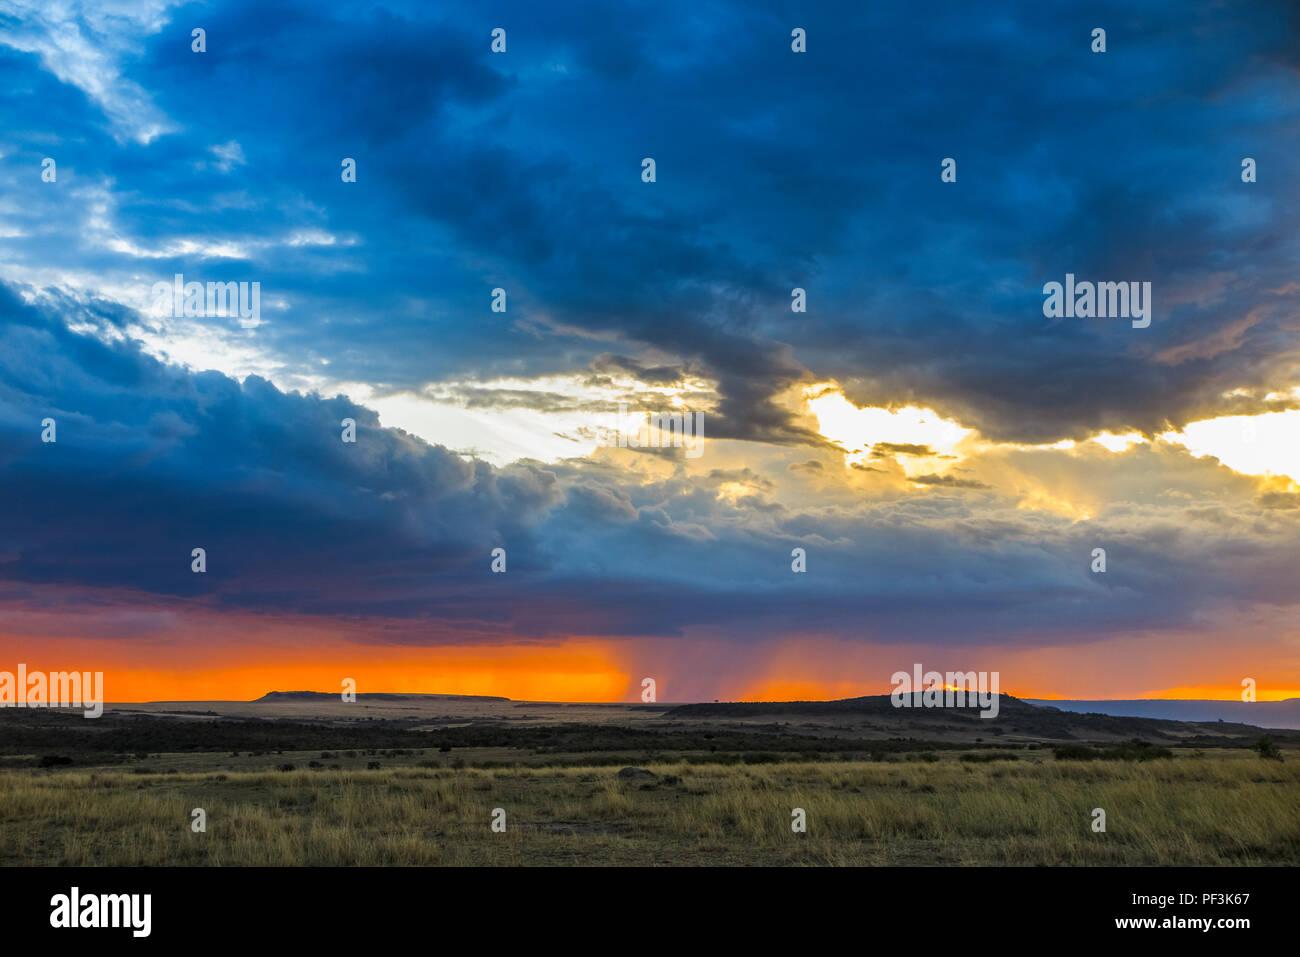 Paysage panoramique vue: gris dramatique nuages de tempête de recueillir plus d'un horizon d'orange dans la savane avec pluie imminente au coucher du soleil, Masai Mara, Kenya Banque D'Images